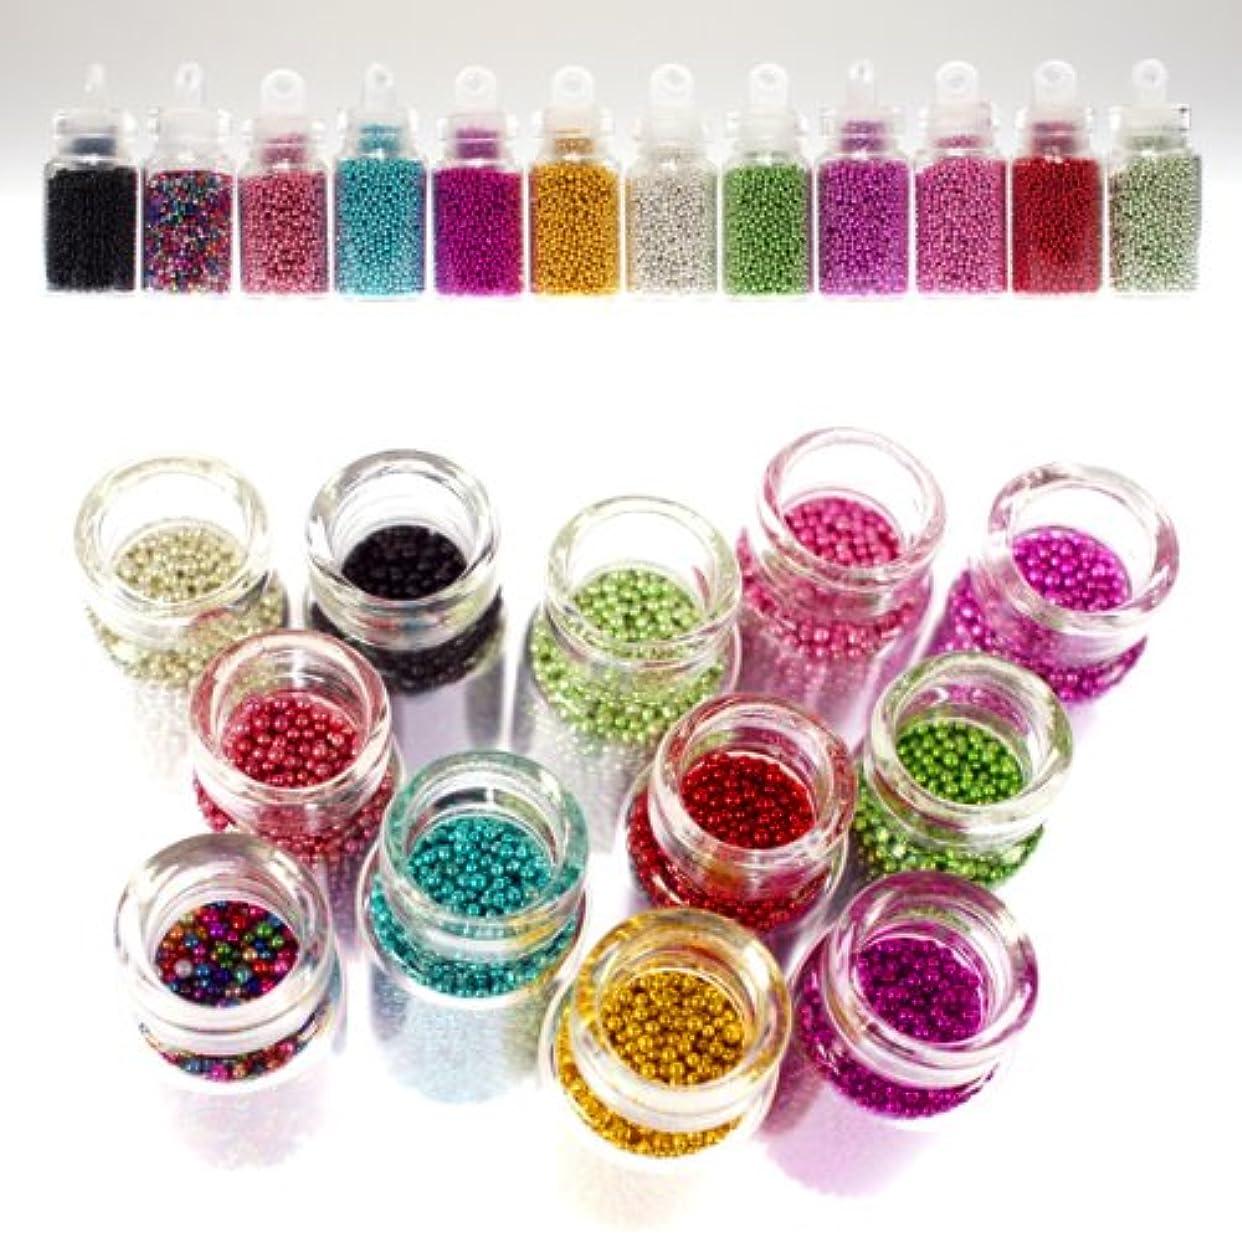 メディック特派員ここにブリオン12色セット キャビアネイルに最適 可愛いガラスの小瓶入り ネイルパーツ